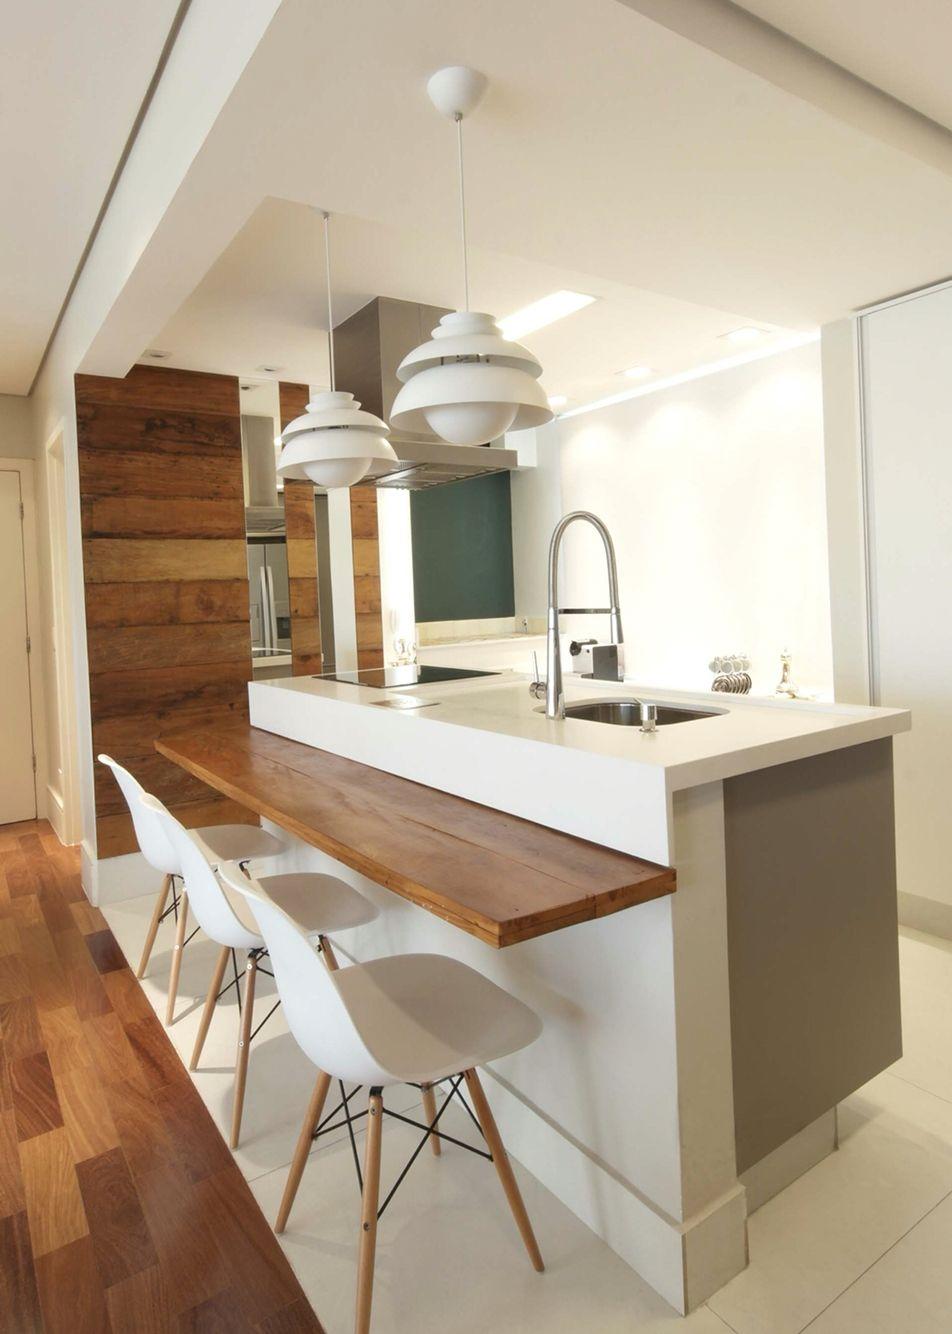 Cozinha Aberta Com Ilha Bancada Em Silestone E Mesa Em Madeira De